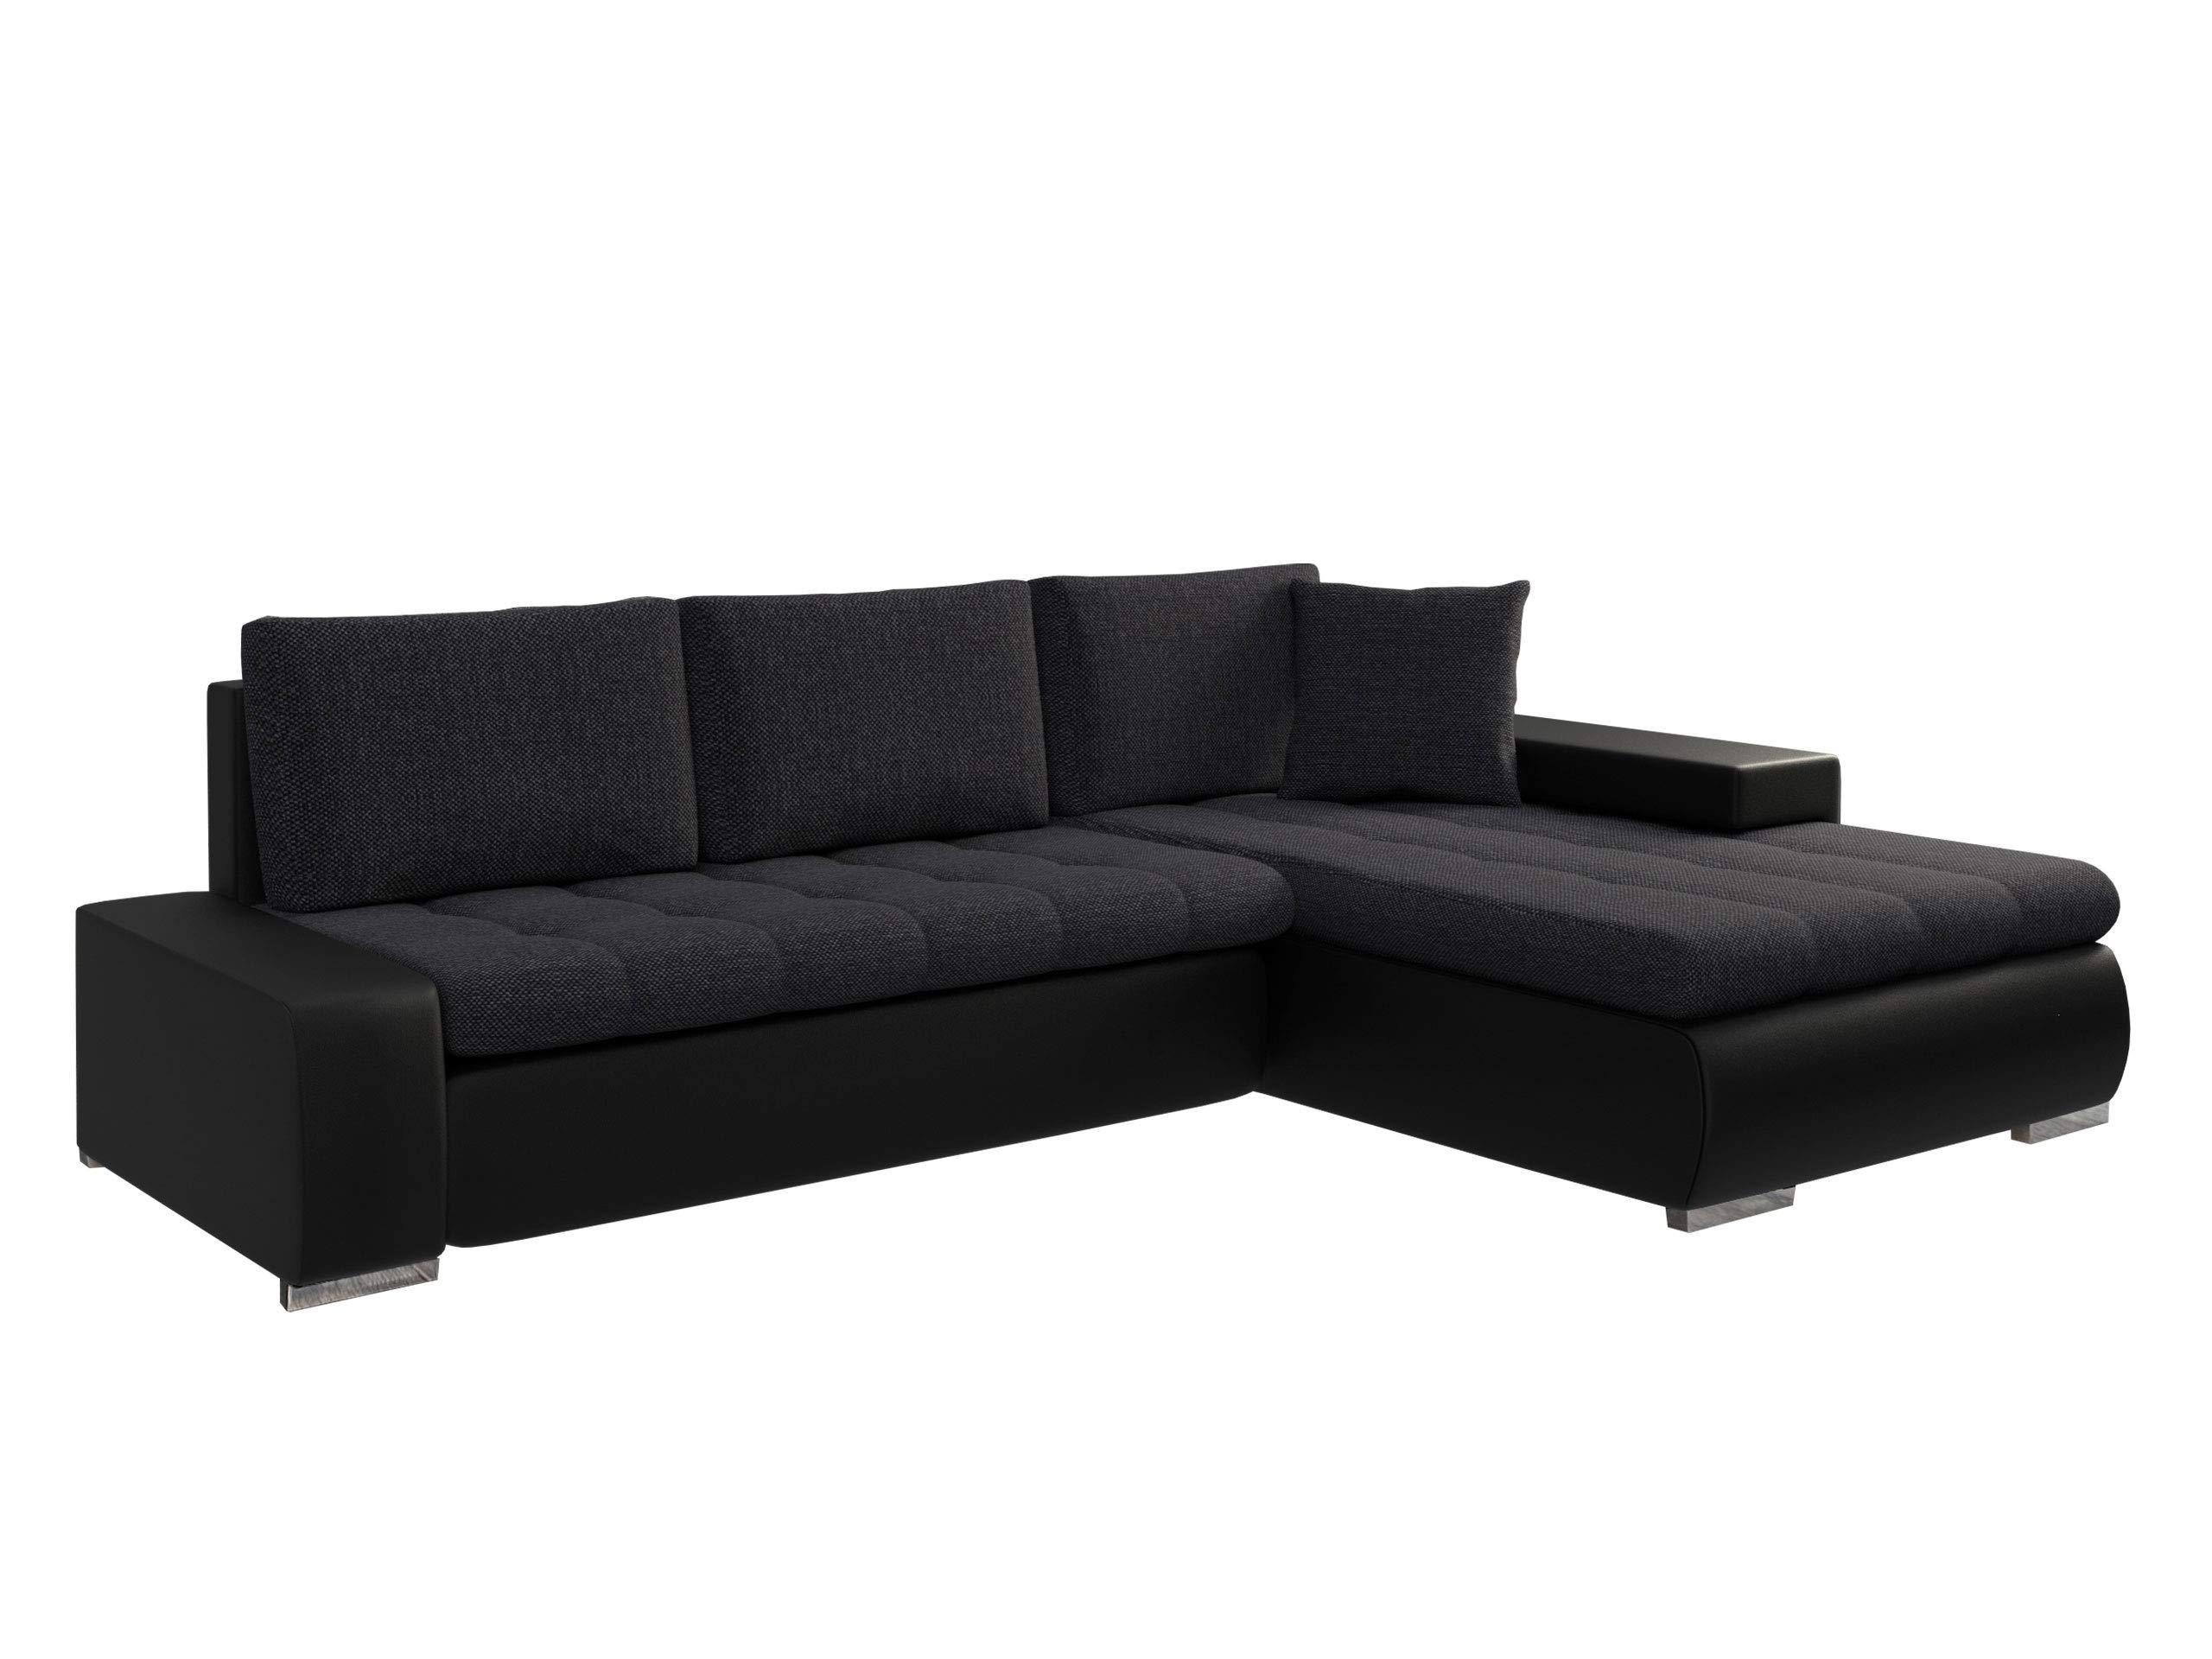 Full Size of Leder Sofa Garnitur Gebraucht Echtleder 3 Teilig 3 2 1 Garnituren 3 2 Rundecke Billiger Couch 2 1 Couchgarnitur Kaufen Ikea Am Besten Bewertete Produkte In Der Sofa Sofa Garnitur